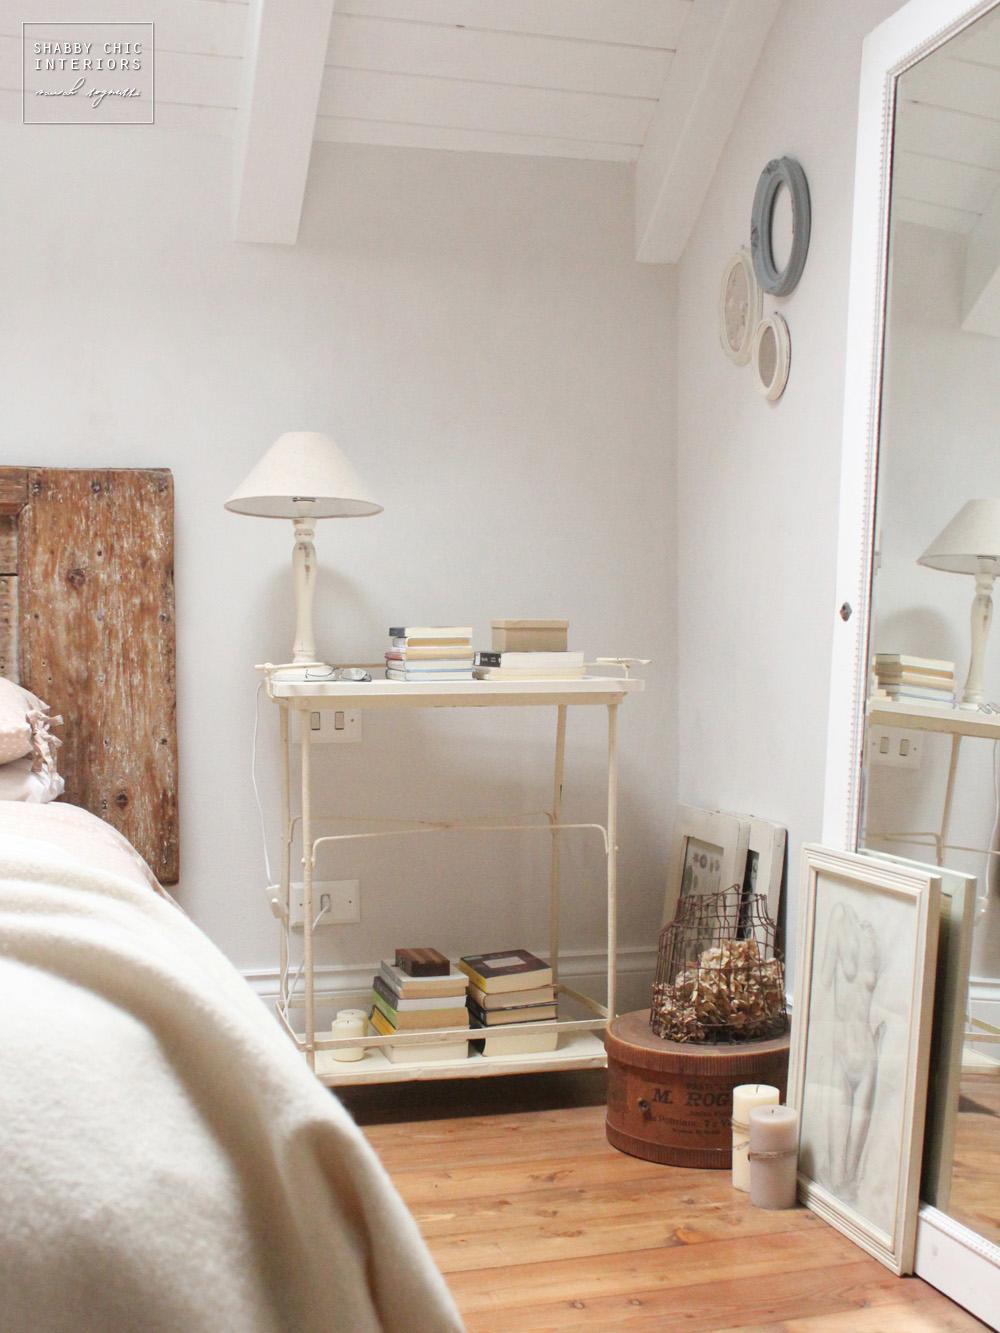 Mercatino shabby chic interiors shabby chic interiors - Shabby chic interiors ...